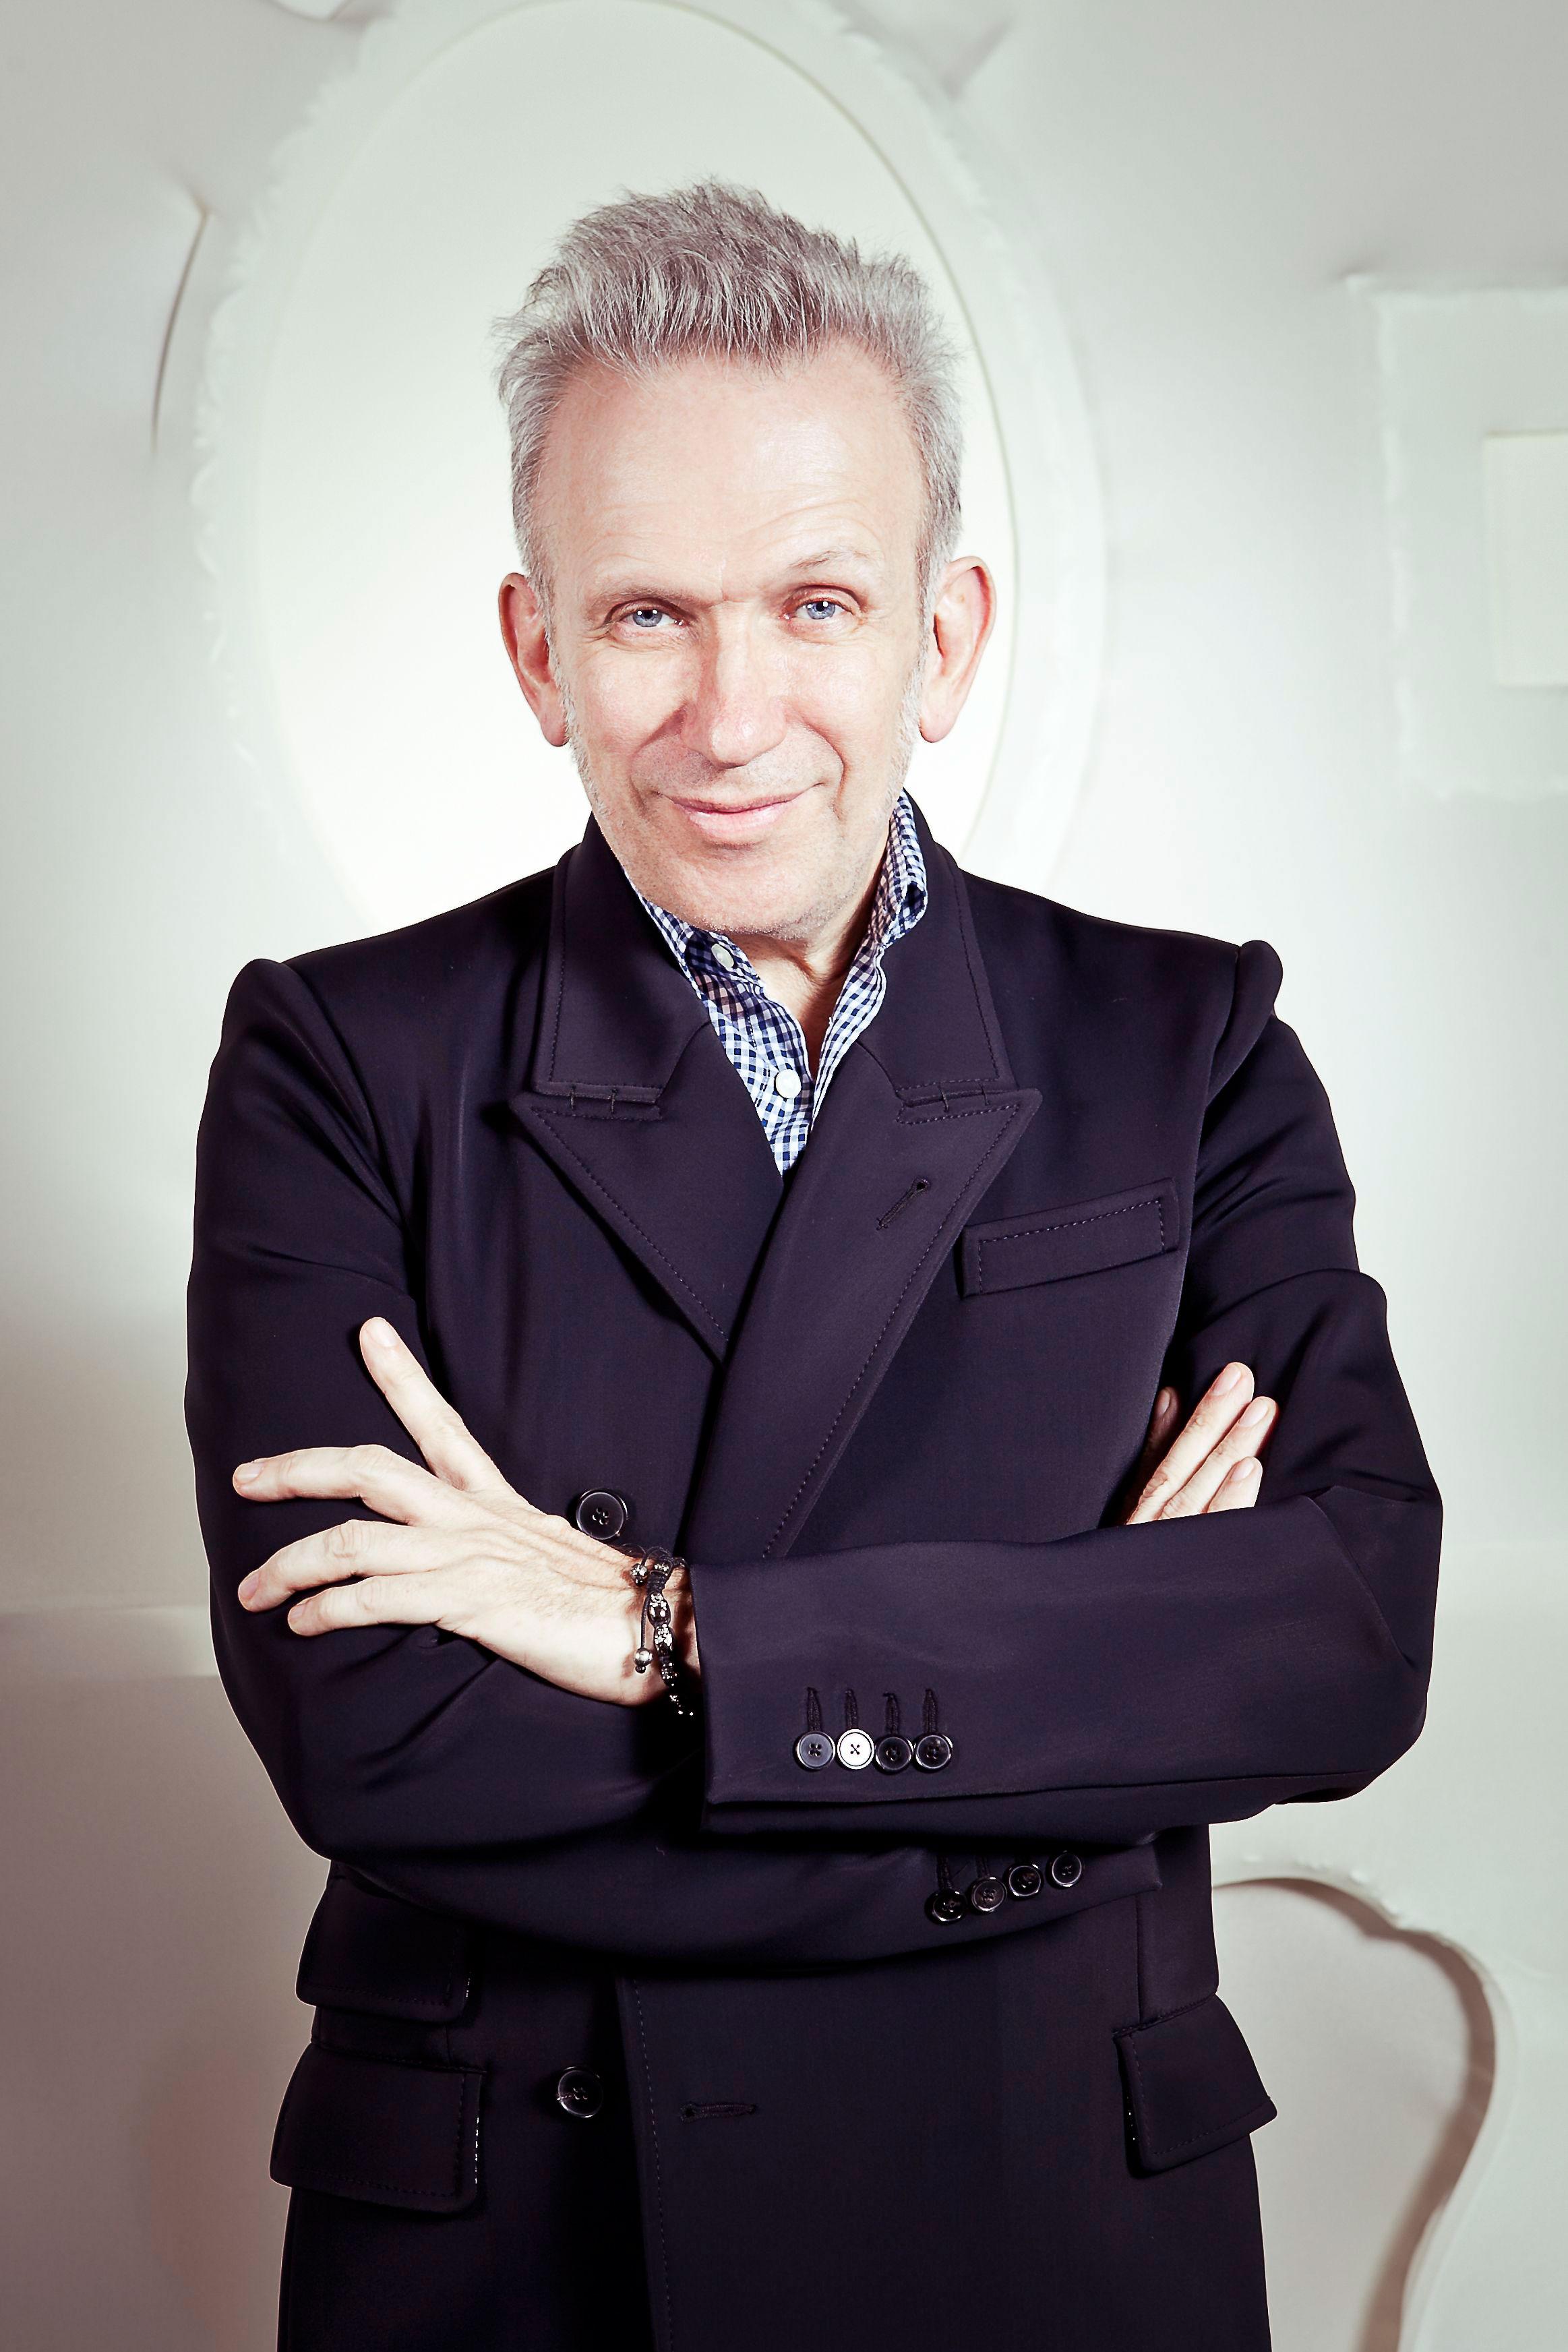 Por qu jean paul gaultier abandona el pr t porter newsfragancias - Jean paul gaultier pret a porter ...